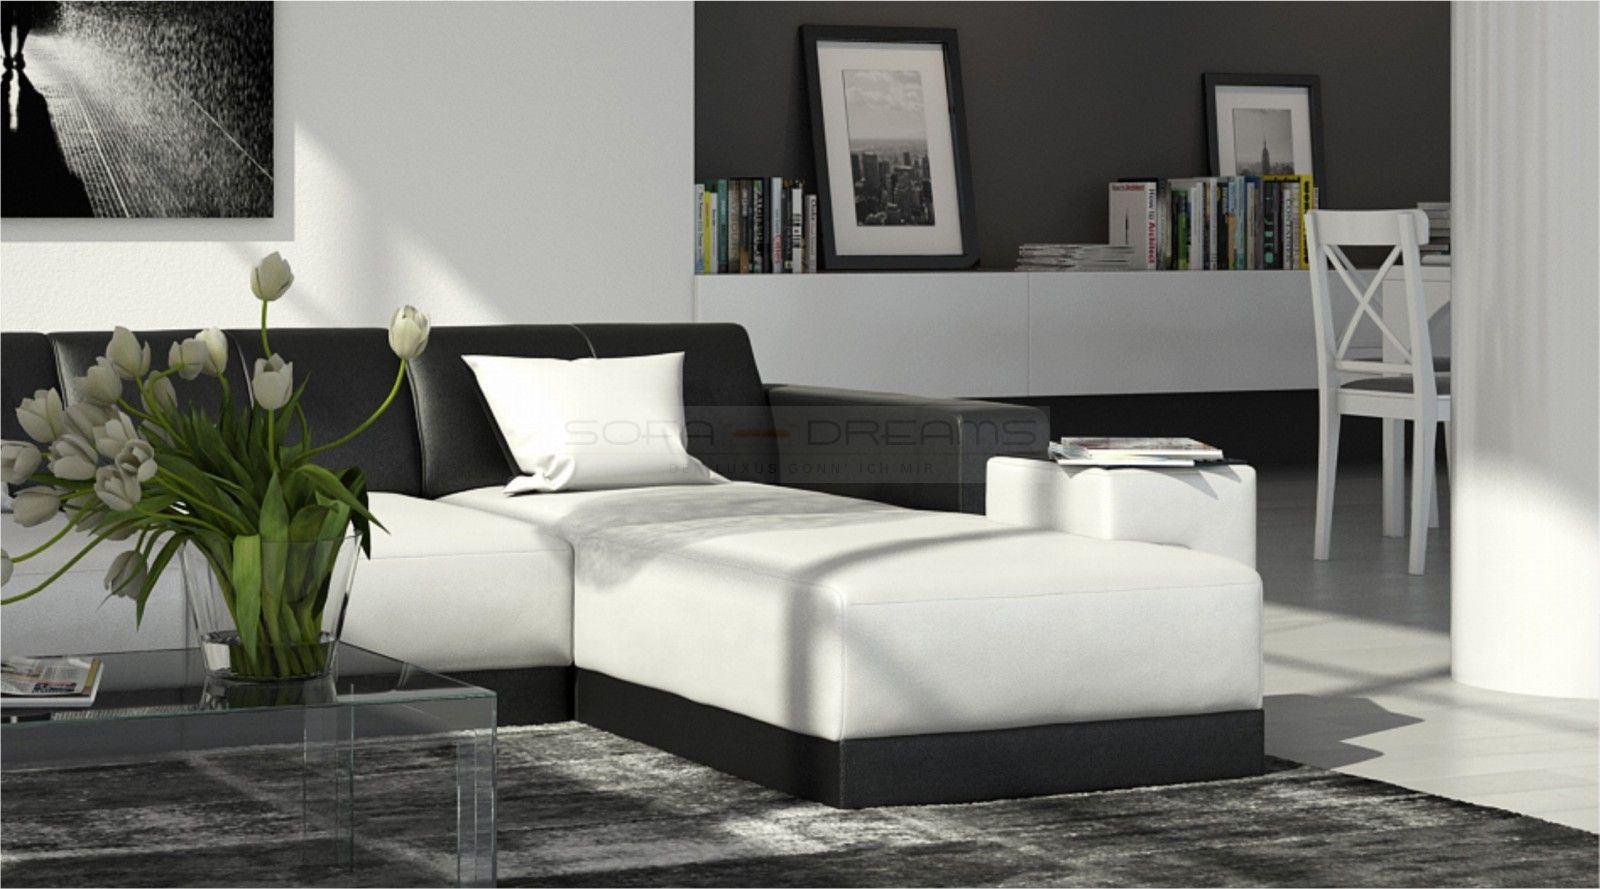 Gnstige sofas kaufen die neueste innovation der - Sofa l form grau ...